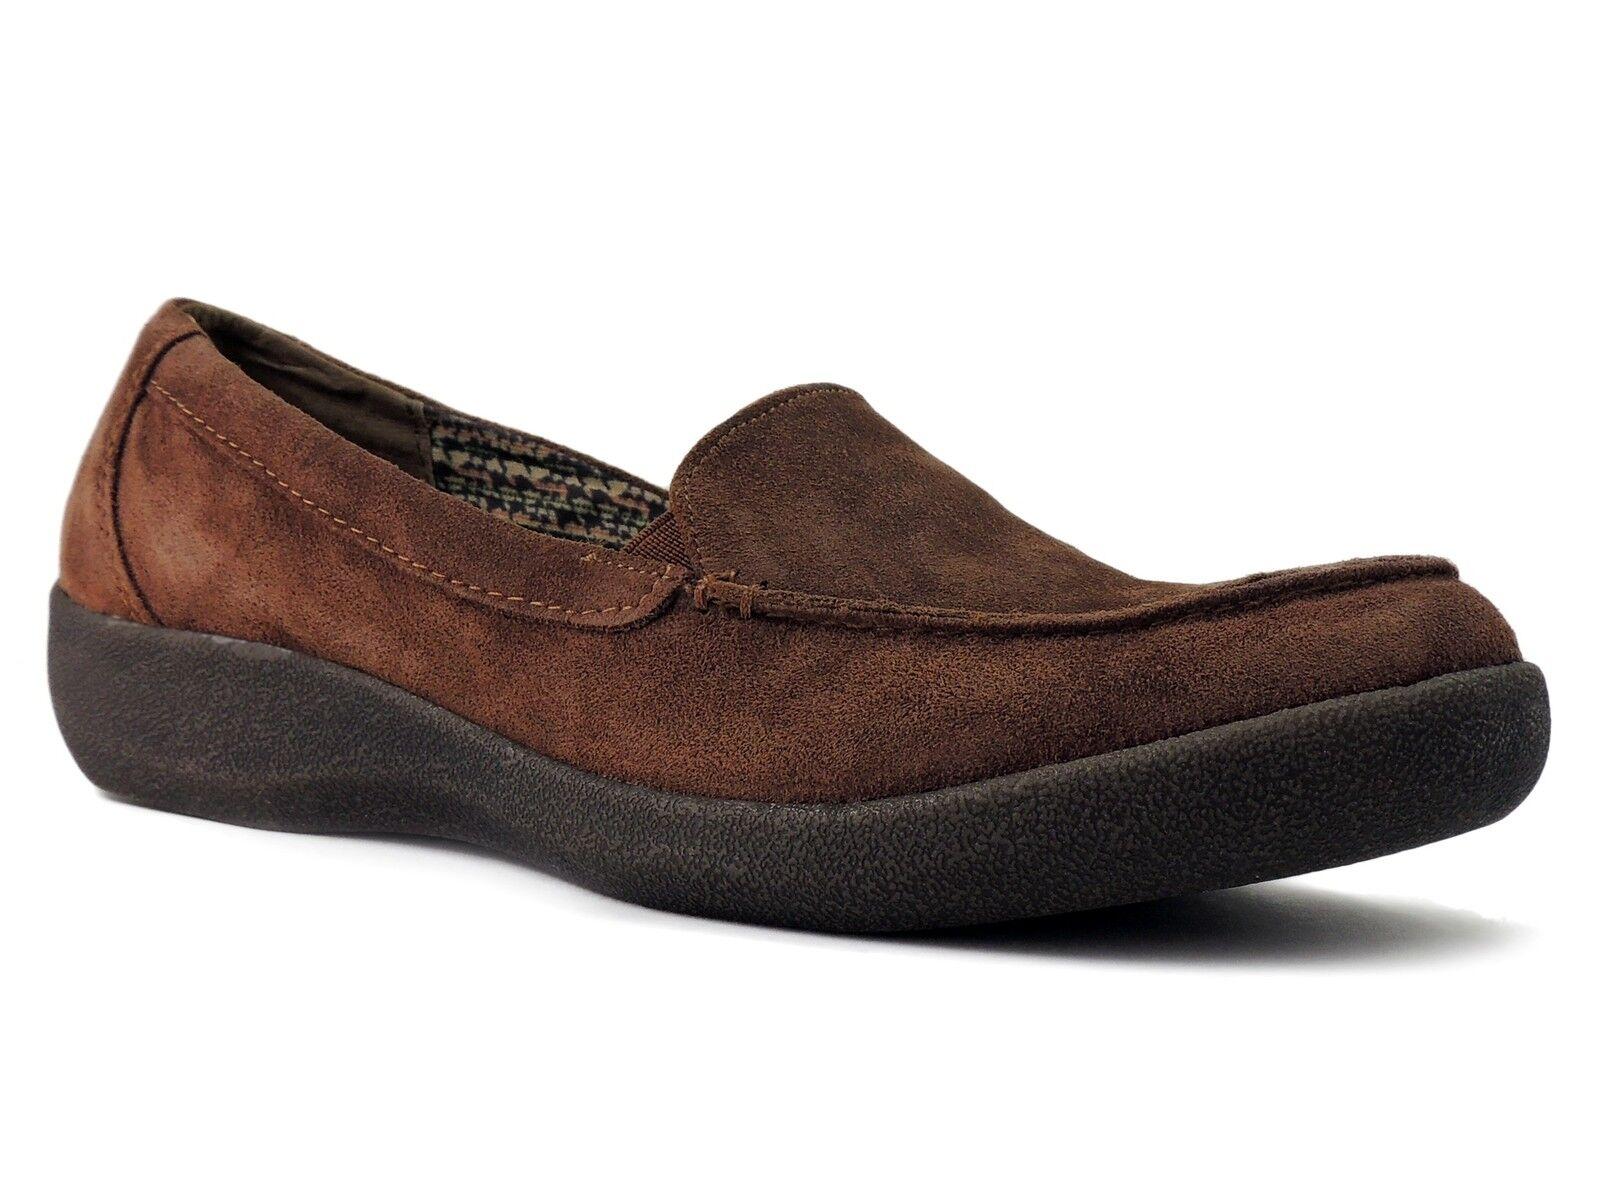 Easy Spirit Women's Warwicks Loafers Bittersweet Brown Suede Size 9 M